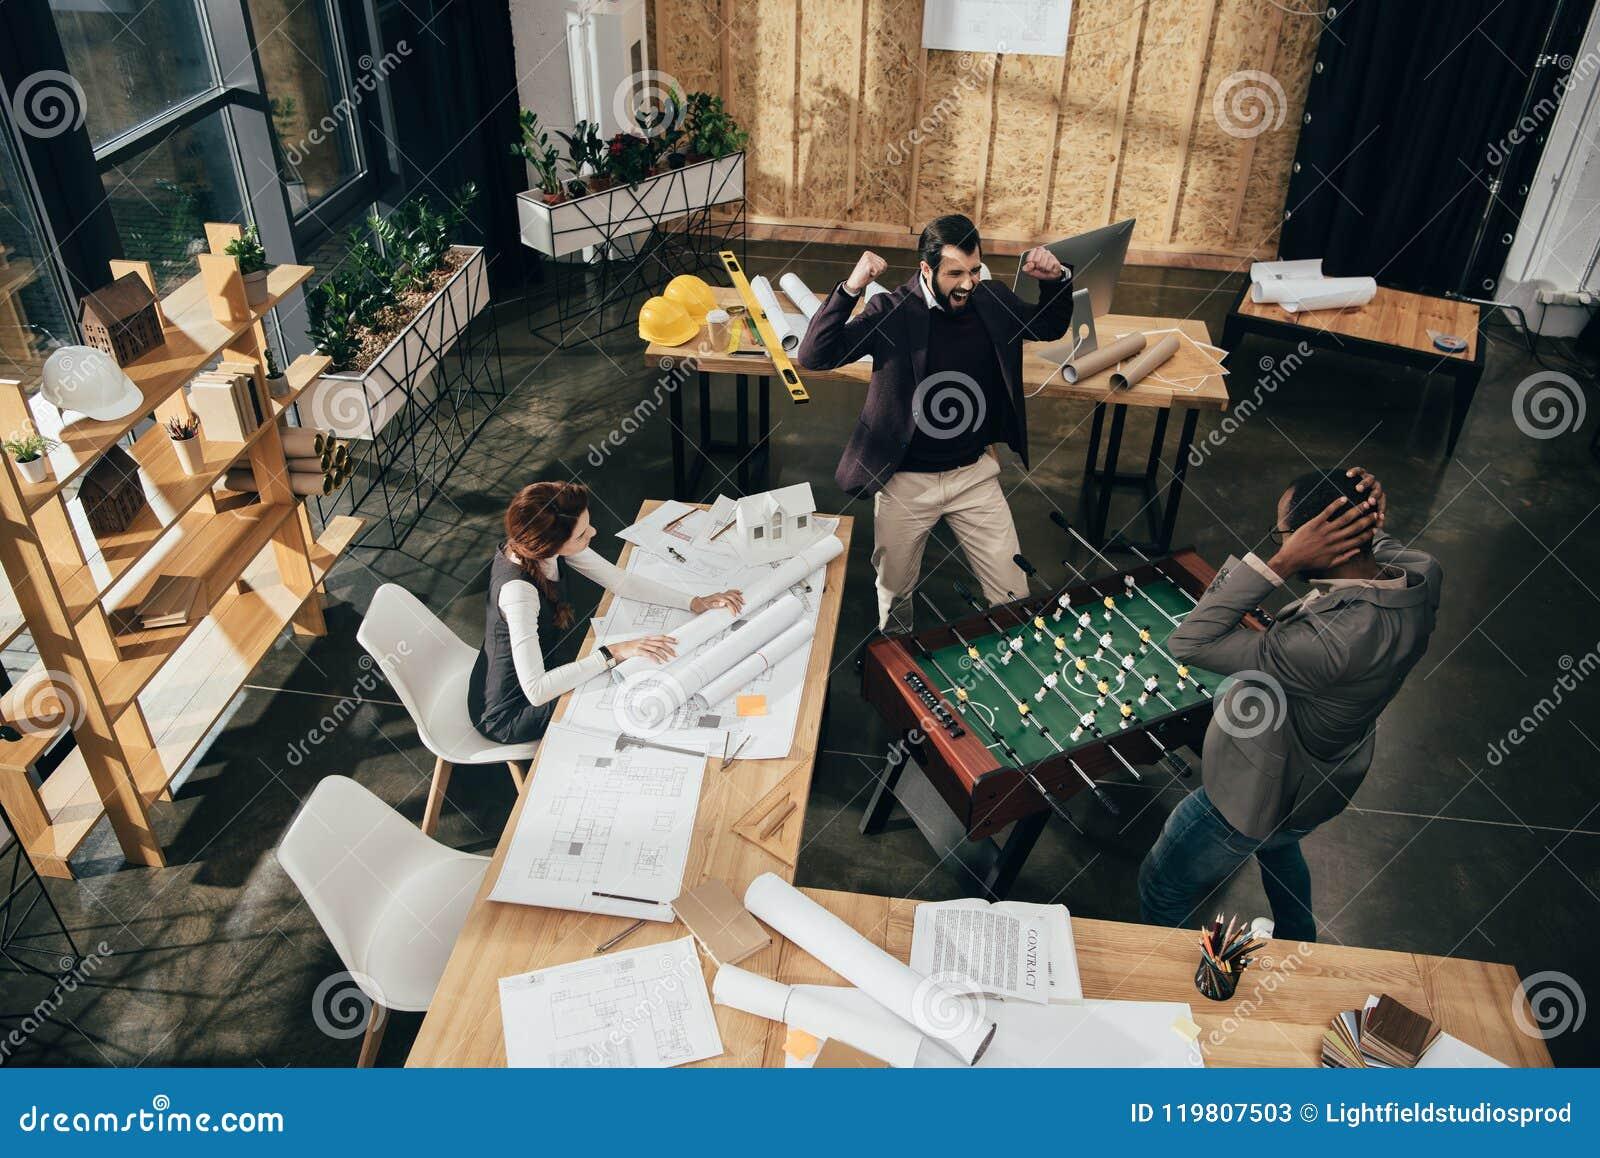 踢桌橄榄球的大角度观点的年轻建筑师